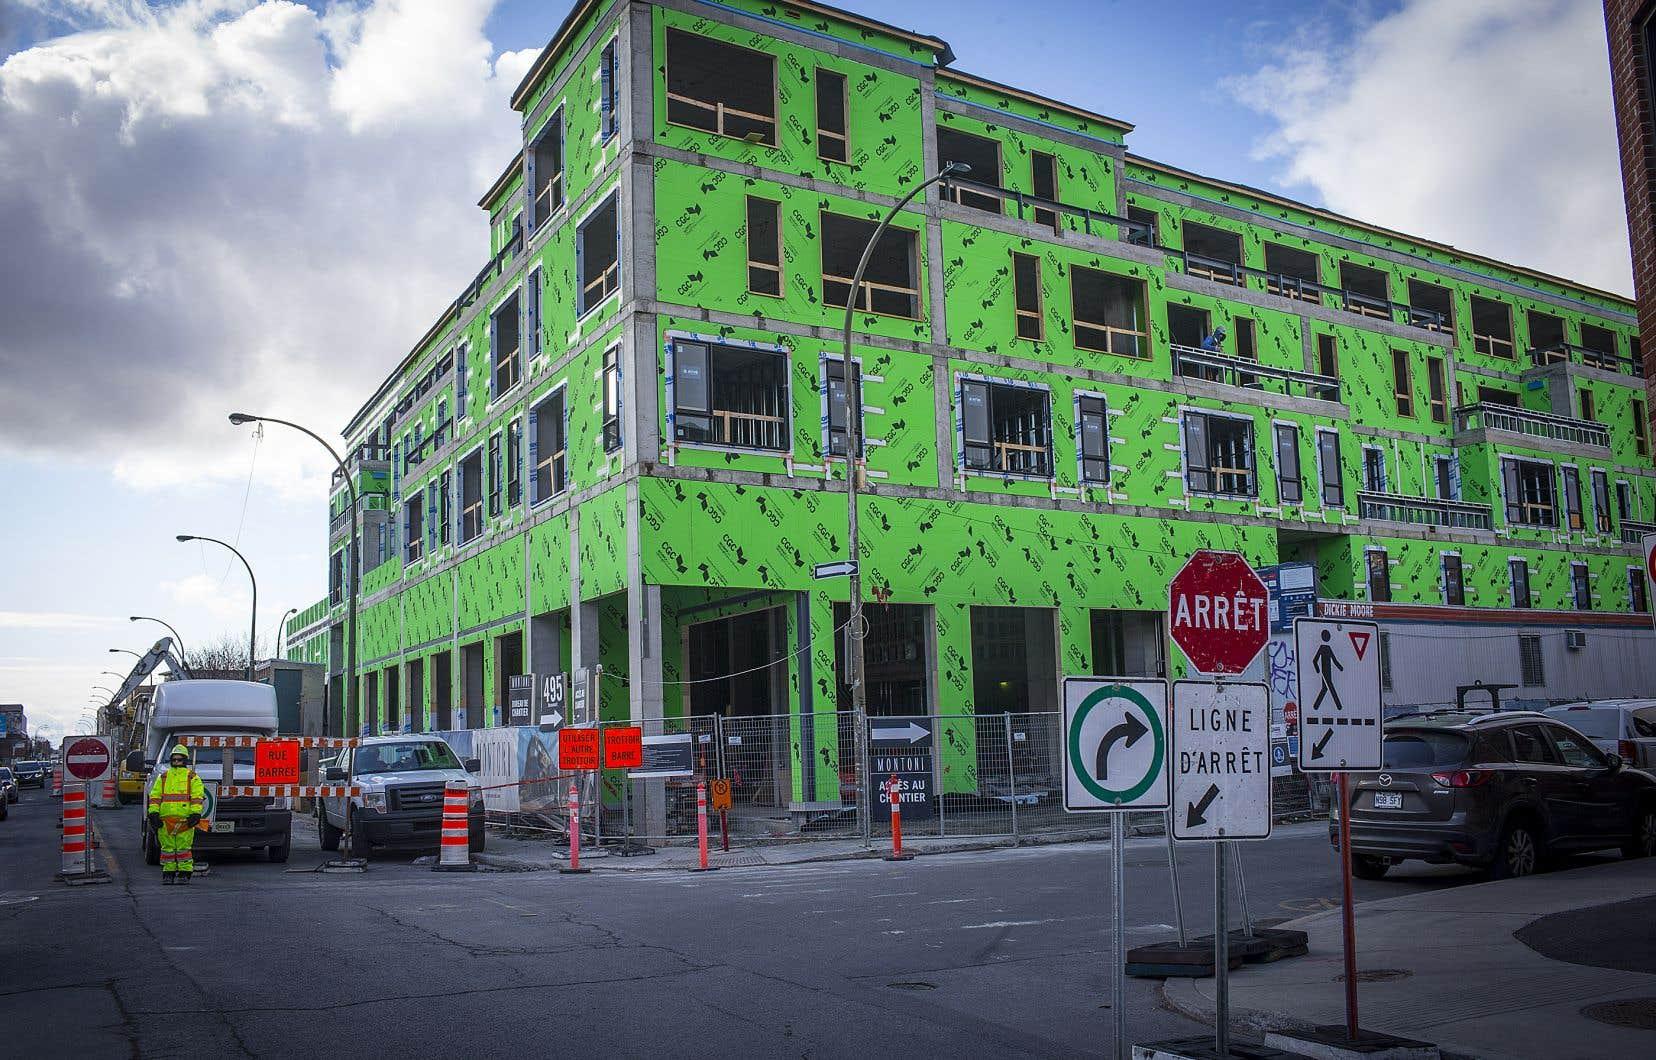 L'immeuble est encore en construction et les logements ne seront prêts qu'à l'été 2021, mais le promoteur a déjà mis ses unités en location.